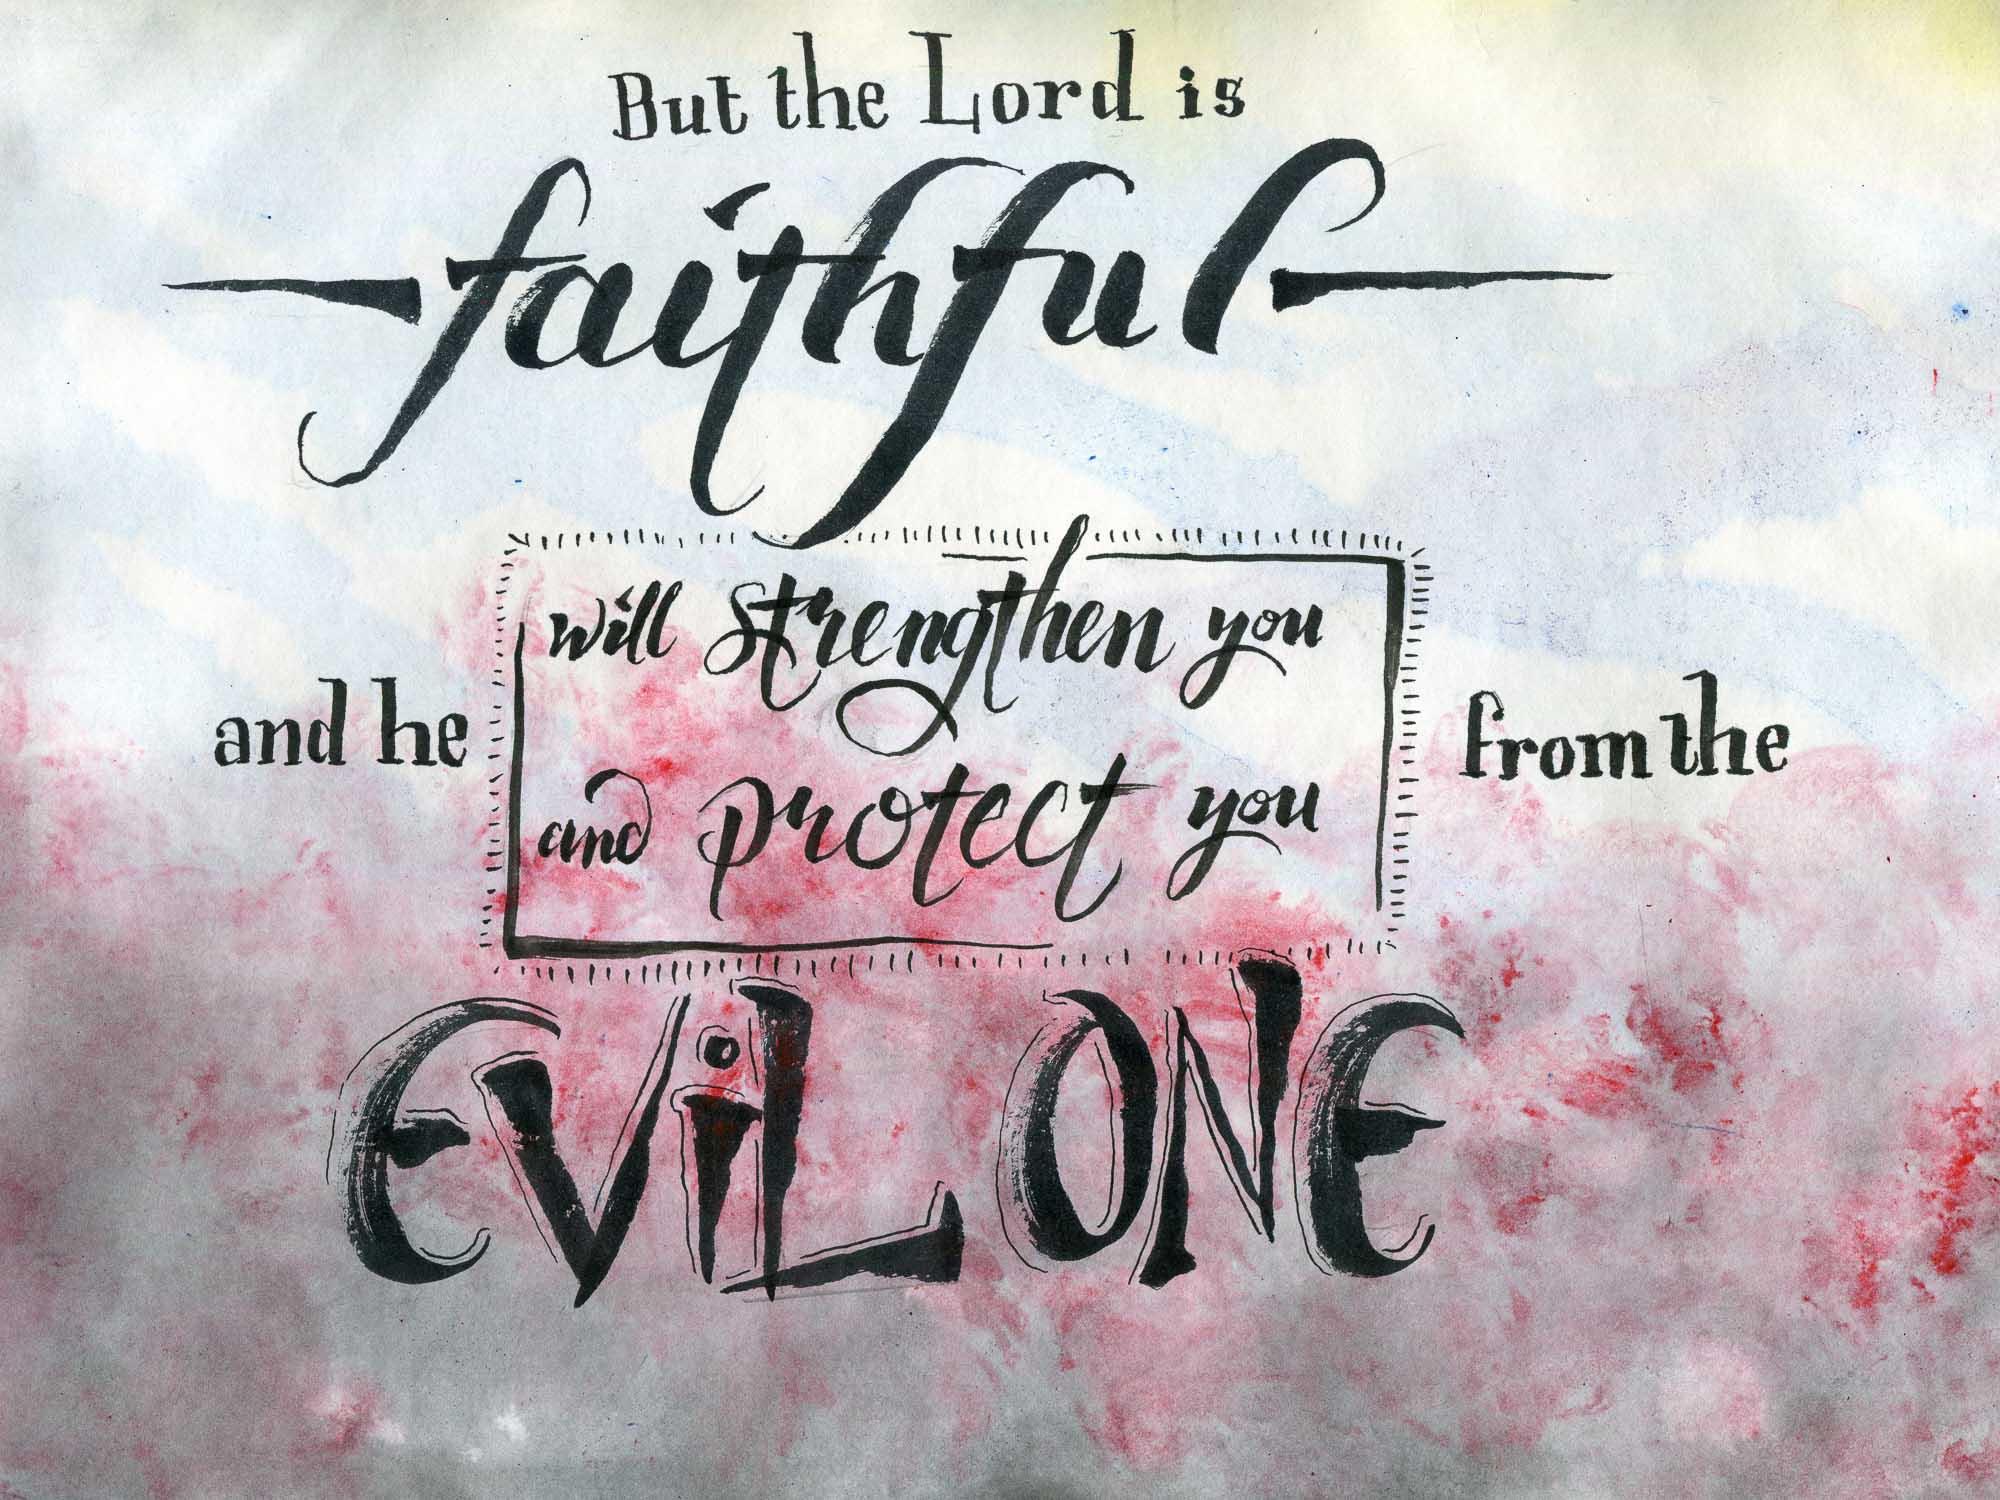 2 thessalonians 3:3 Bible verse art